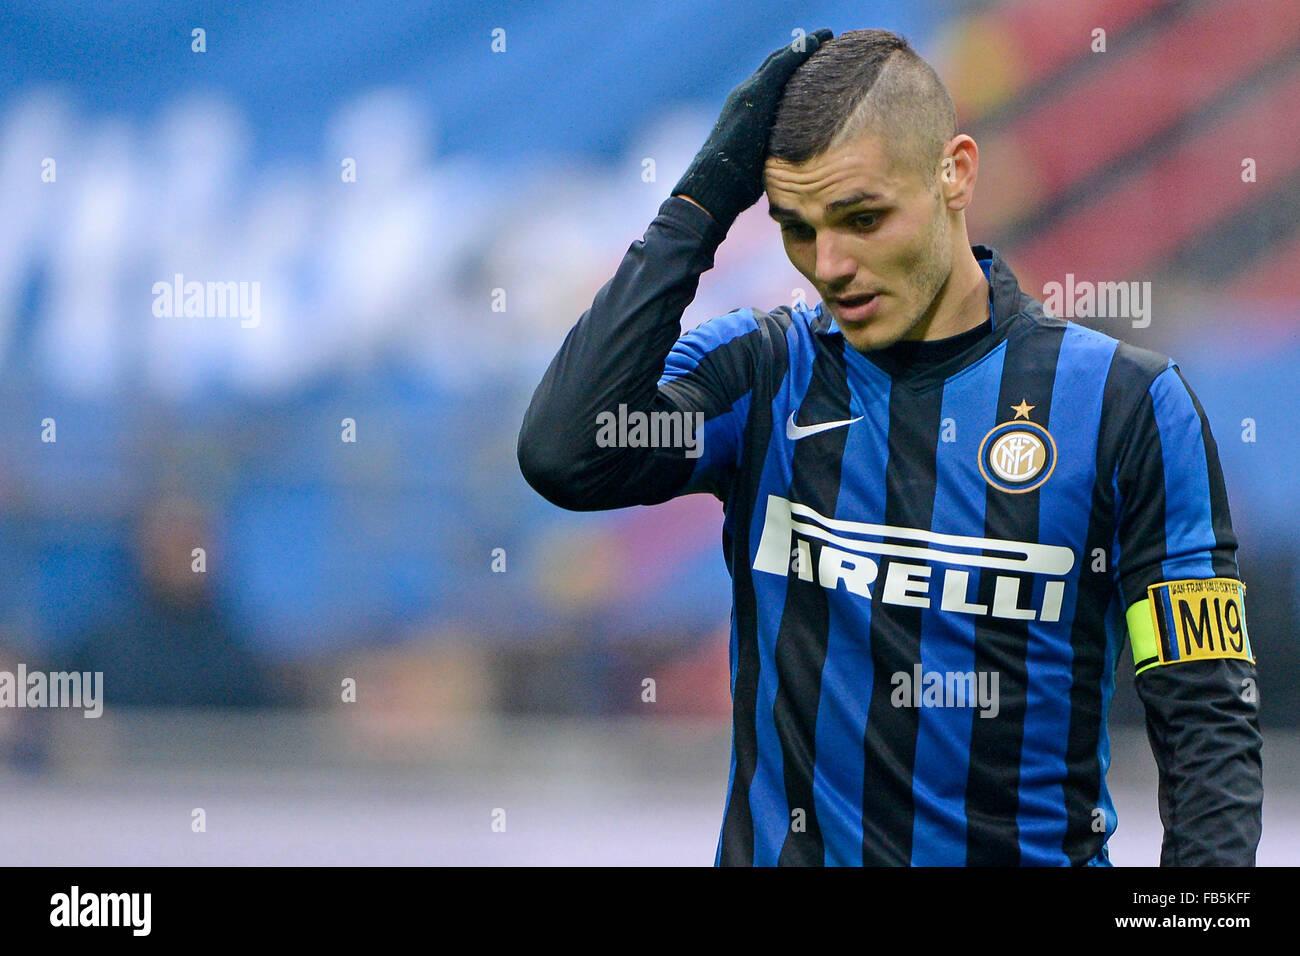 Milan Italy 10th Jan 2016 Mauro Icardi Inter Milano 10 01 2016